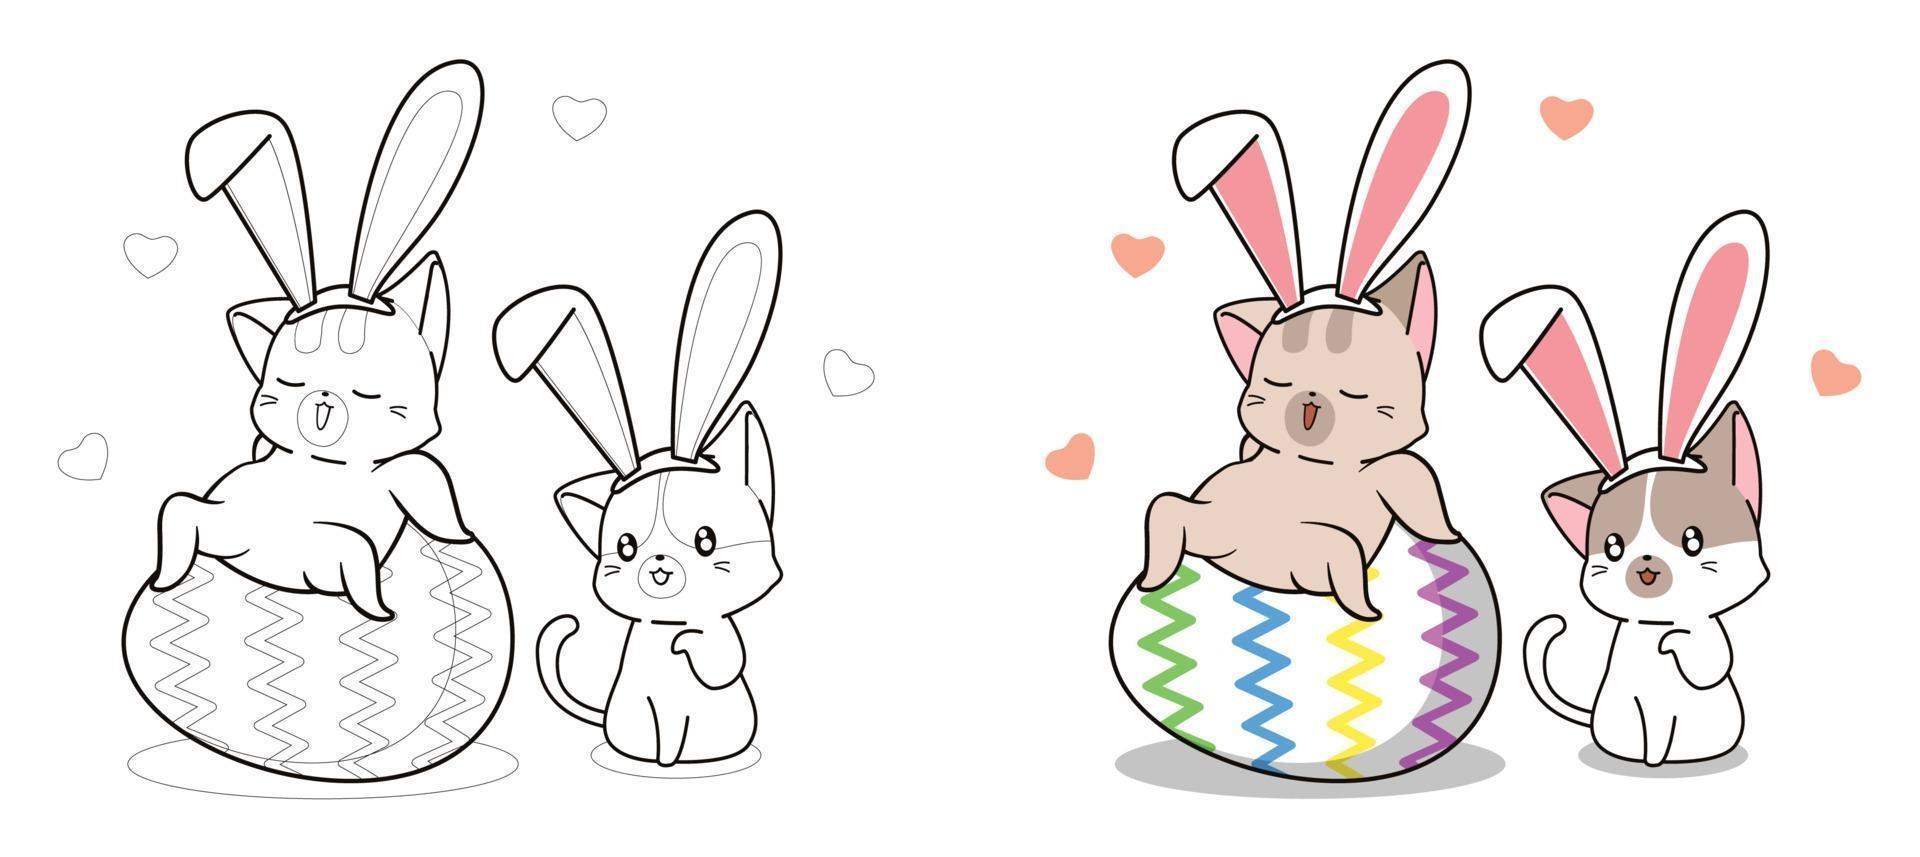 Página para colorir para crianças de gatos bonitos no dia da Páscoa vetor